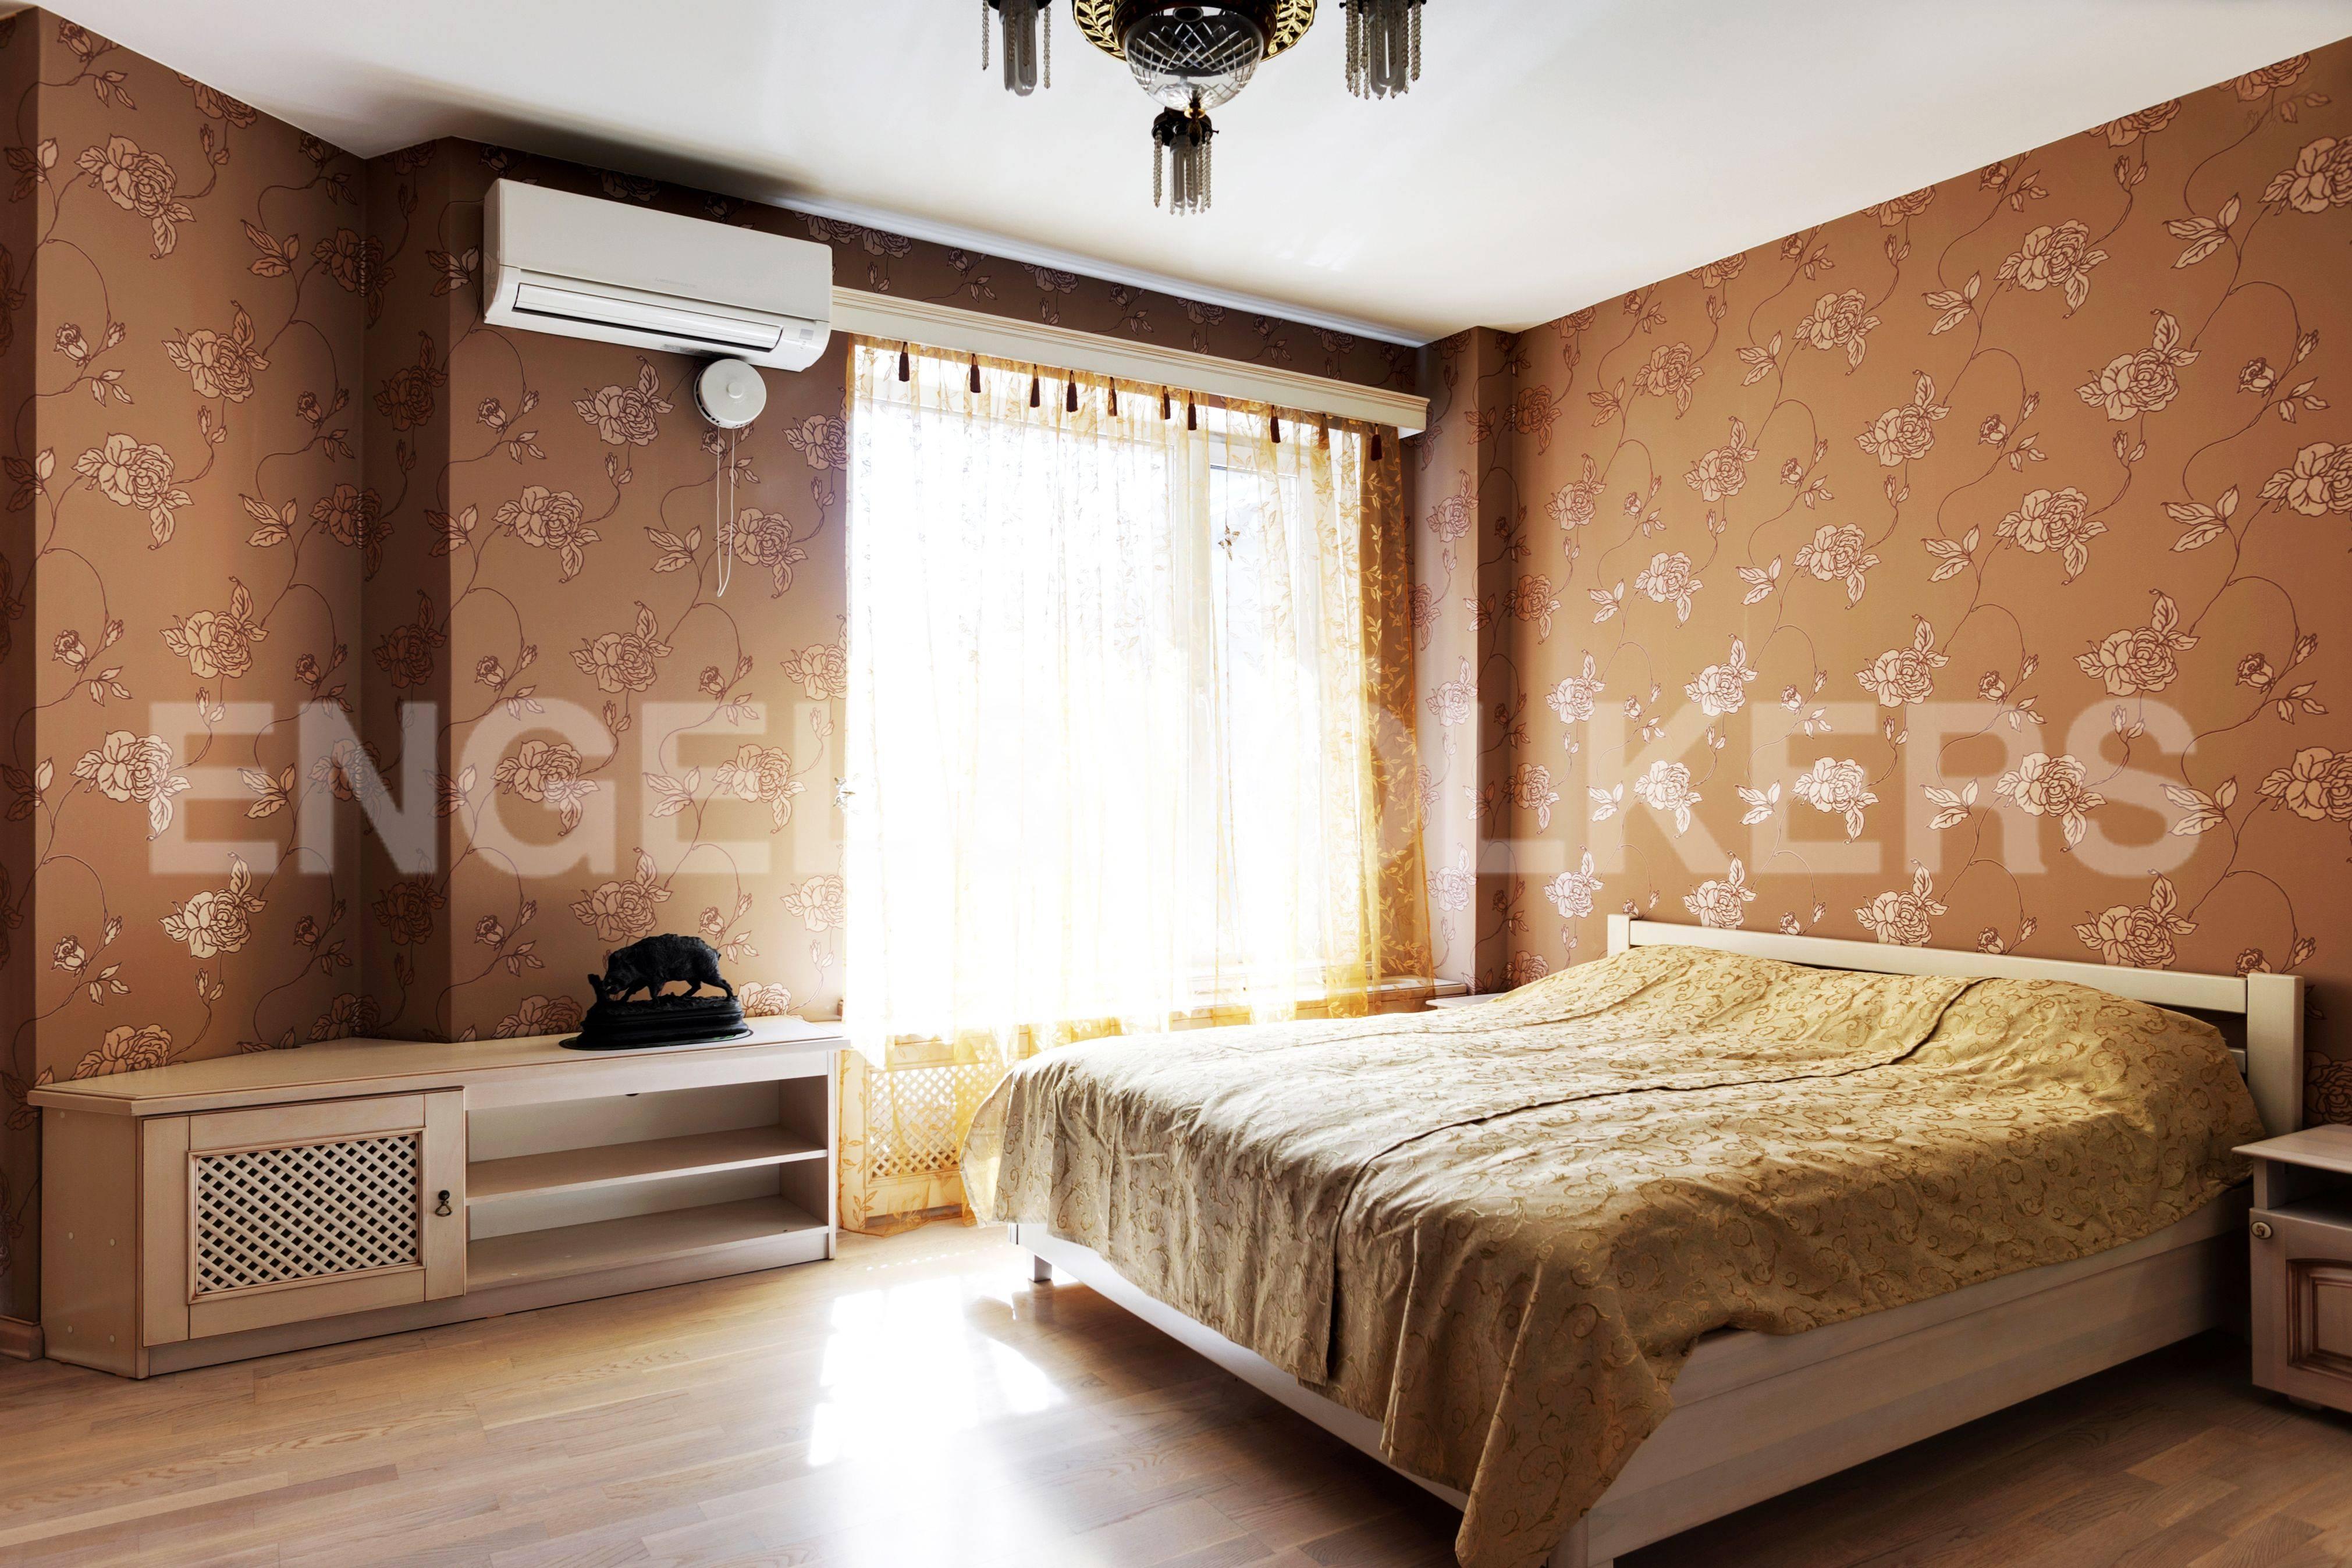 Элитные квартиры в Центральном районе. Санкт-Петербург, Большой Сампсониевский пр. 4-6. Спальня